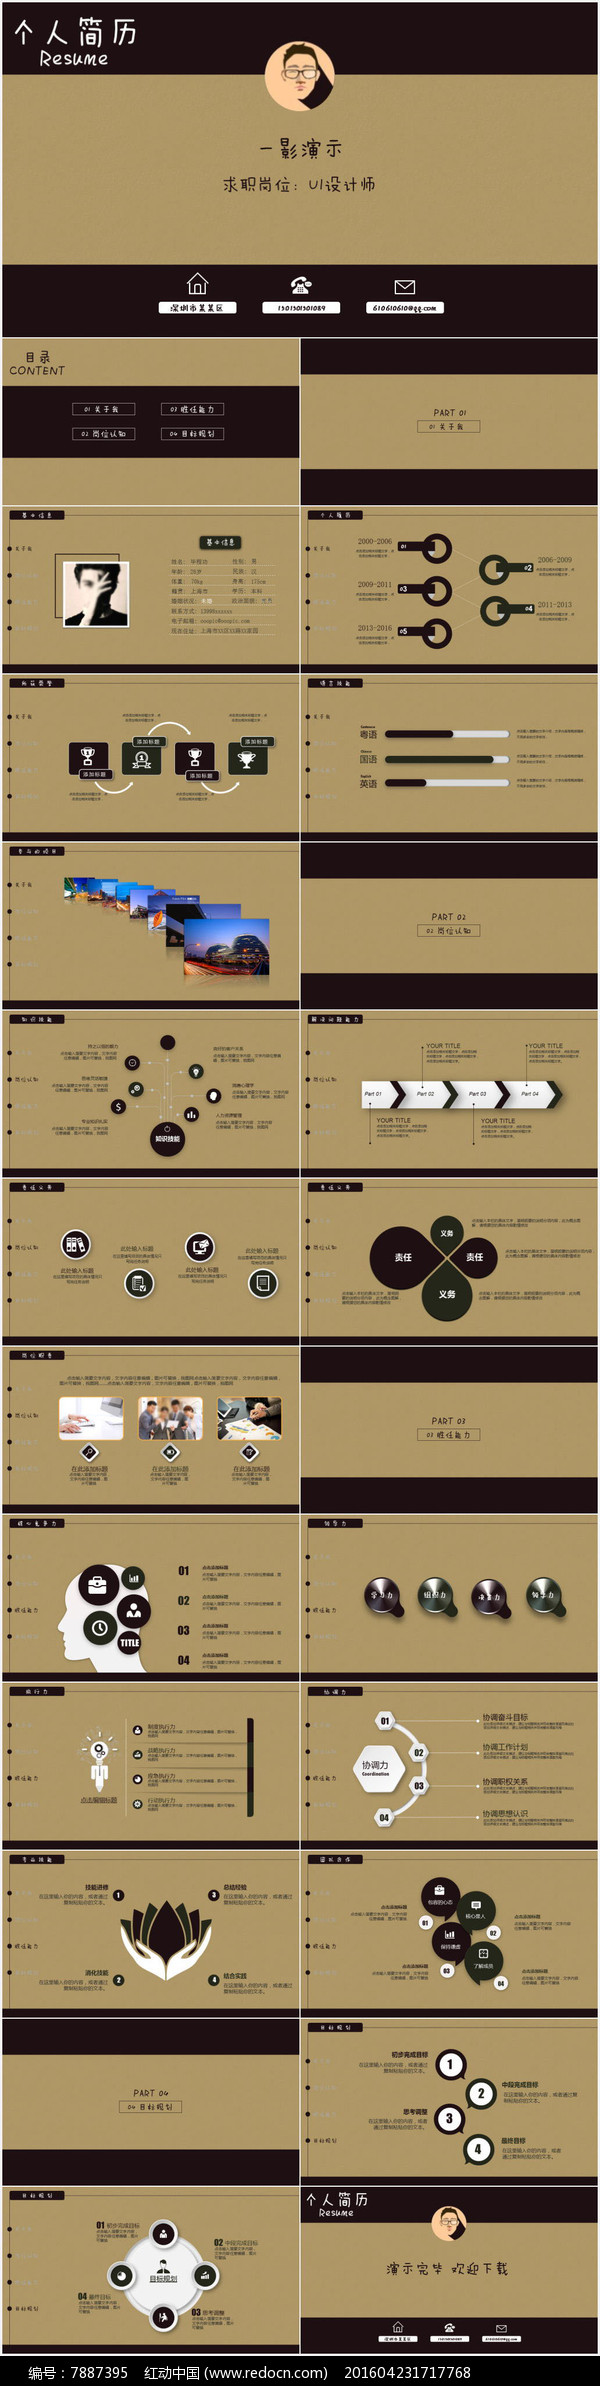 原创设计稿 ppt模板/ppt背景图片 团队职场ppt 个性创意个人简历求职图片